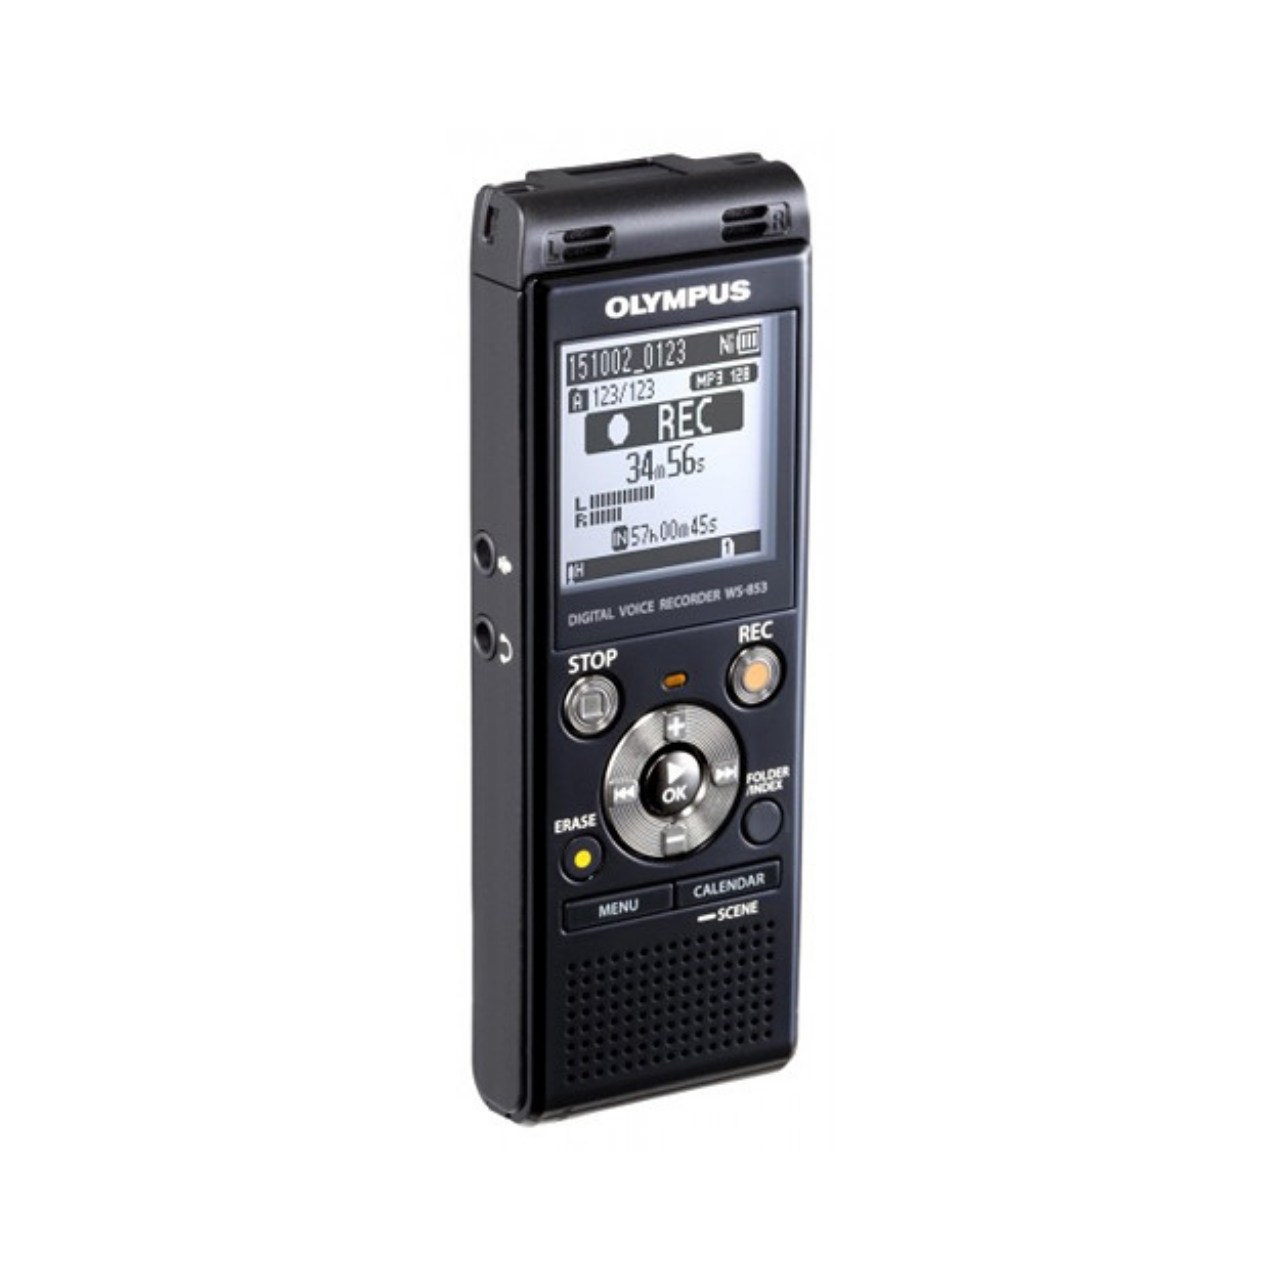 Olympus WS-853 Grabadora Digital de Voz Negro 8Gb + Batería recargable y funda